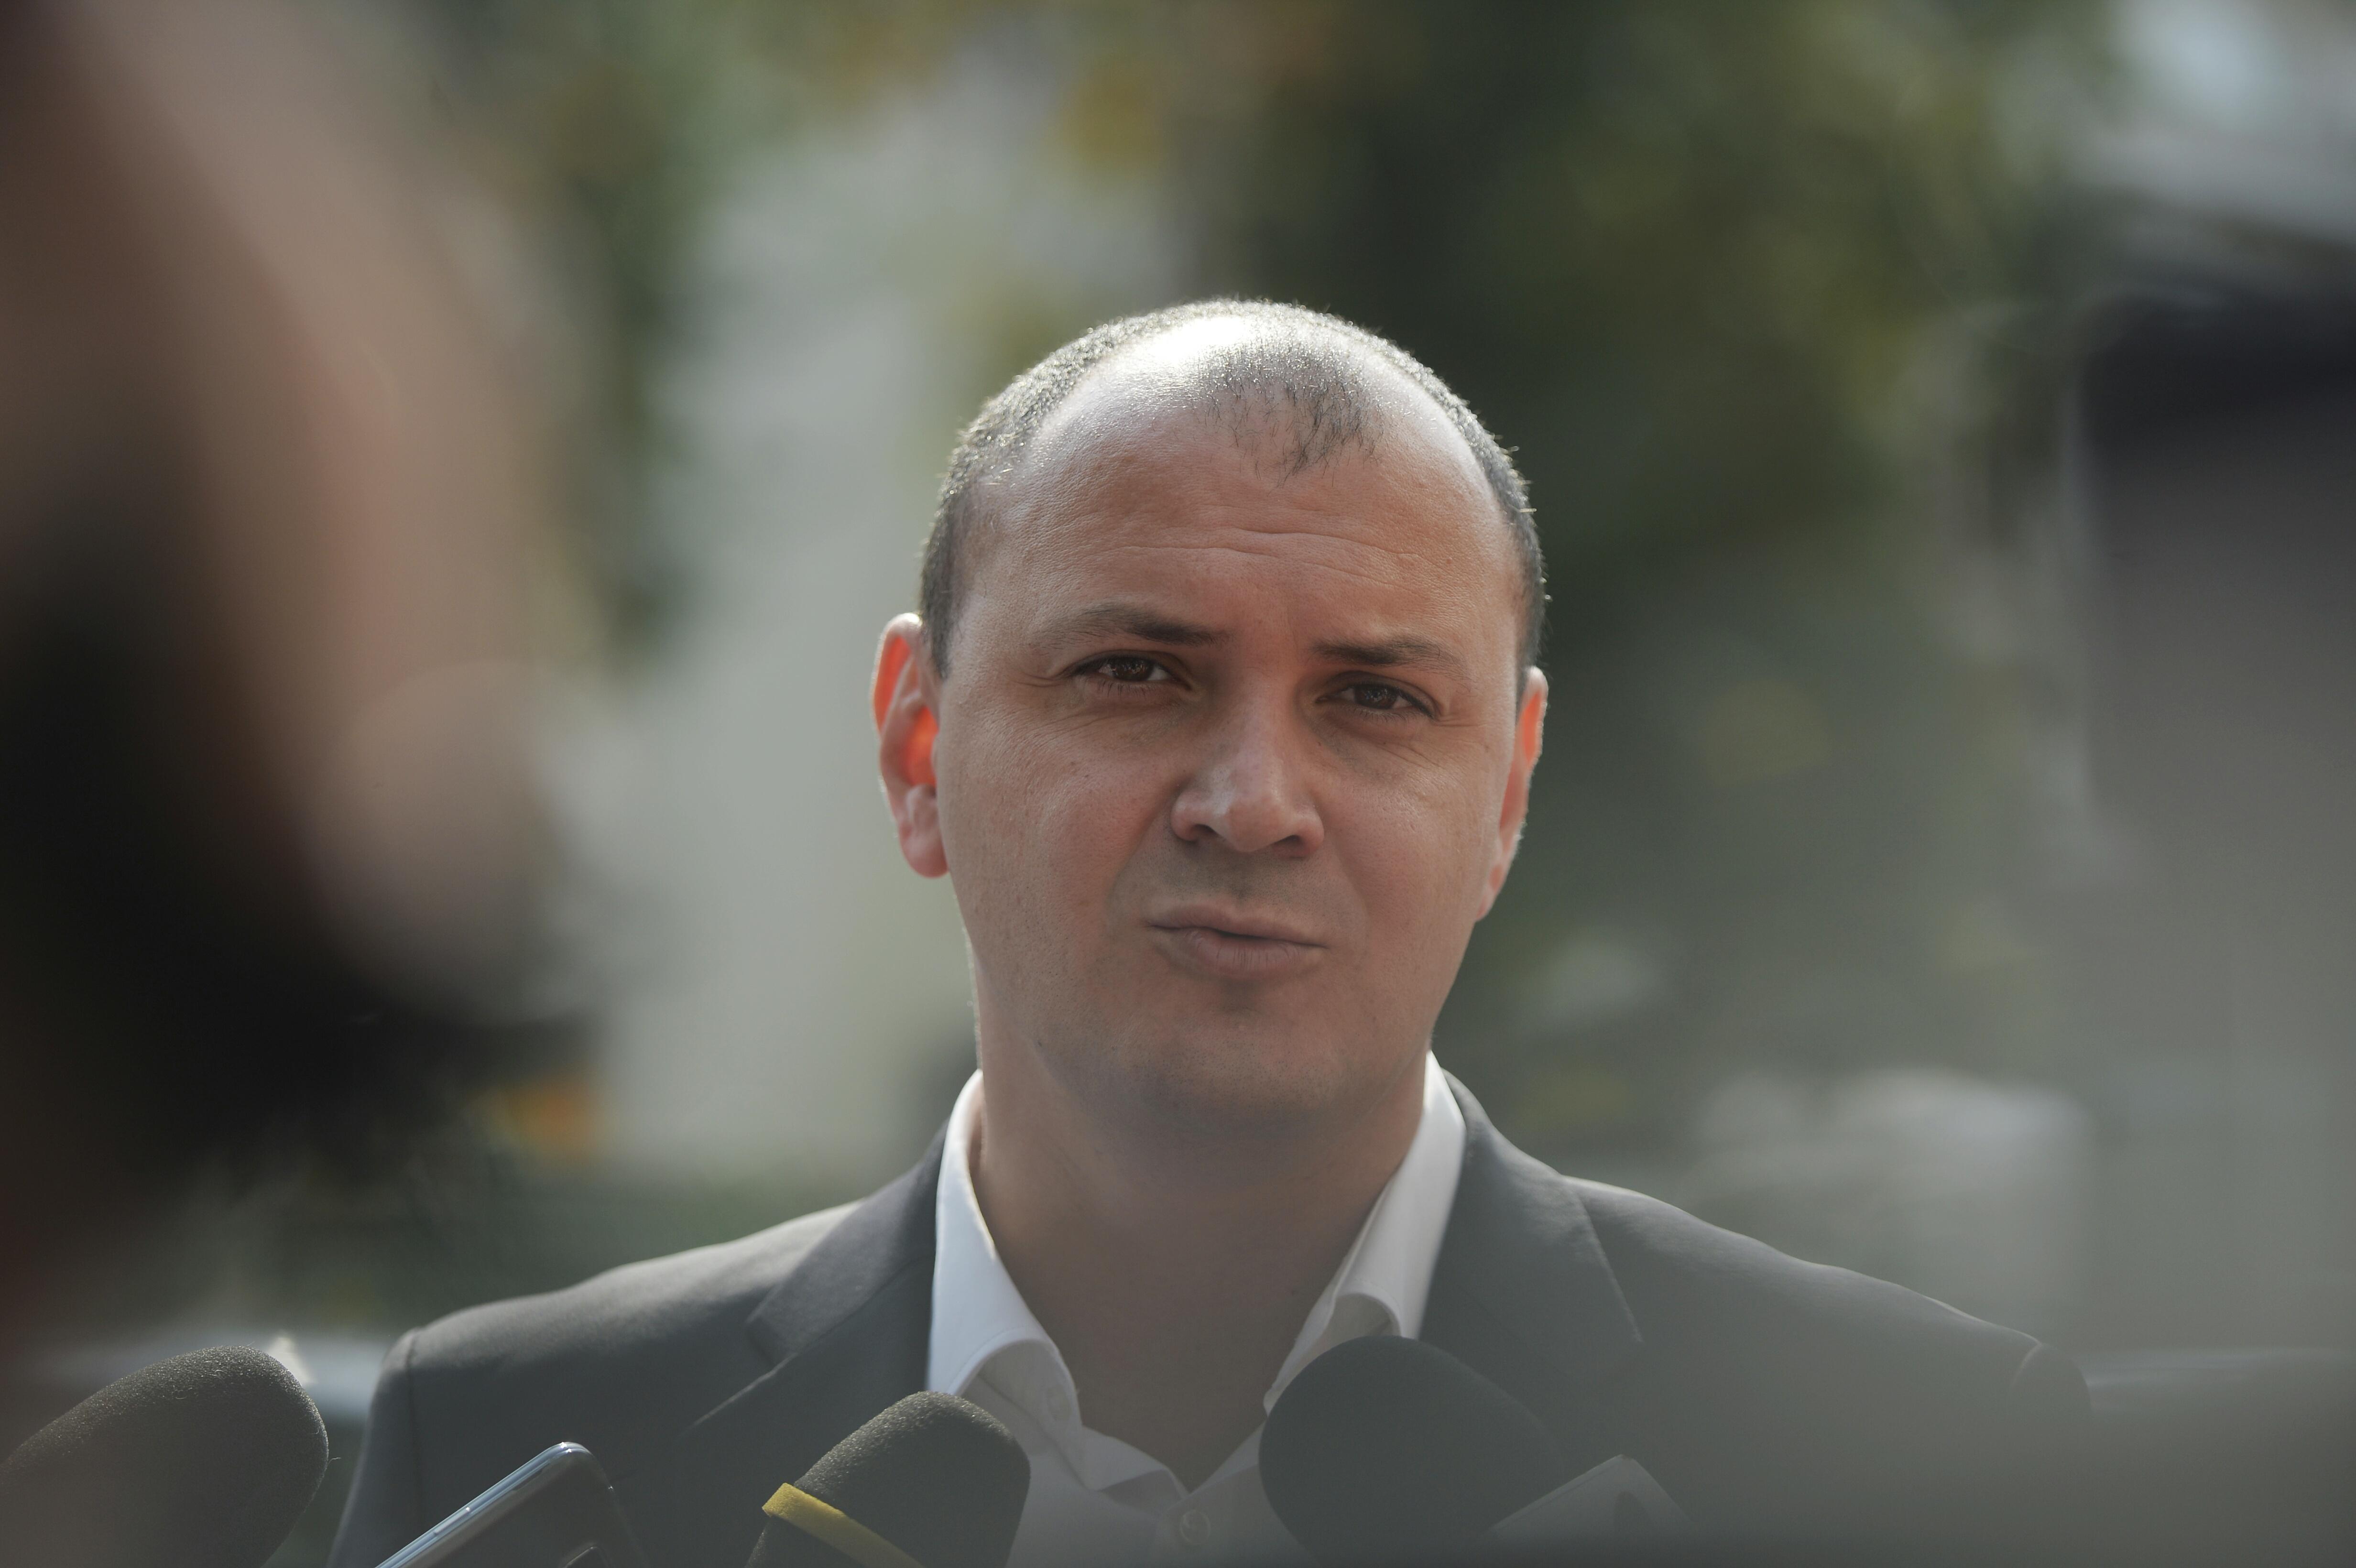 Fostul procuror Negulescu, înregistrat când comanda un denunţ. Martor: Băgăm nevinovaţi la puşcărie